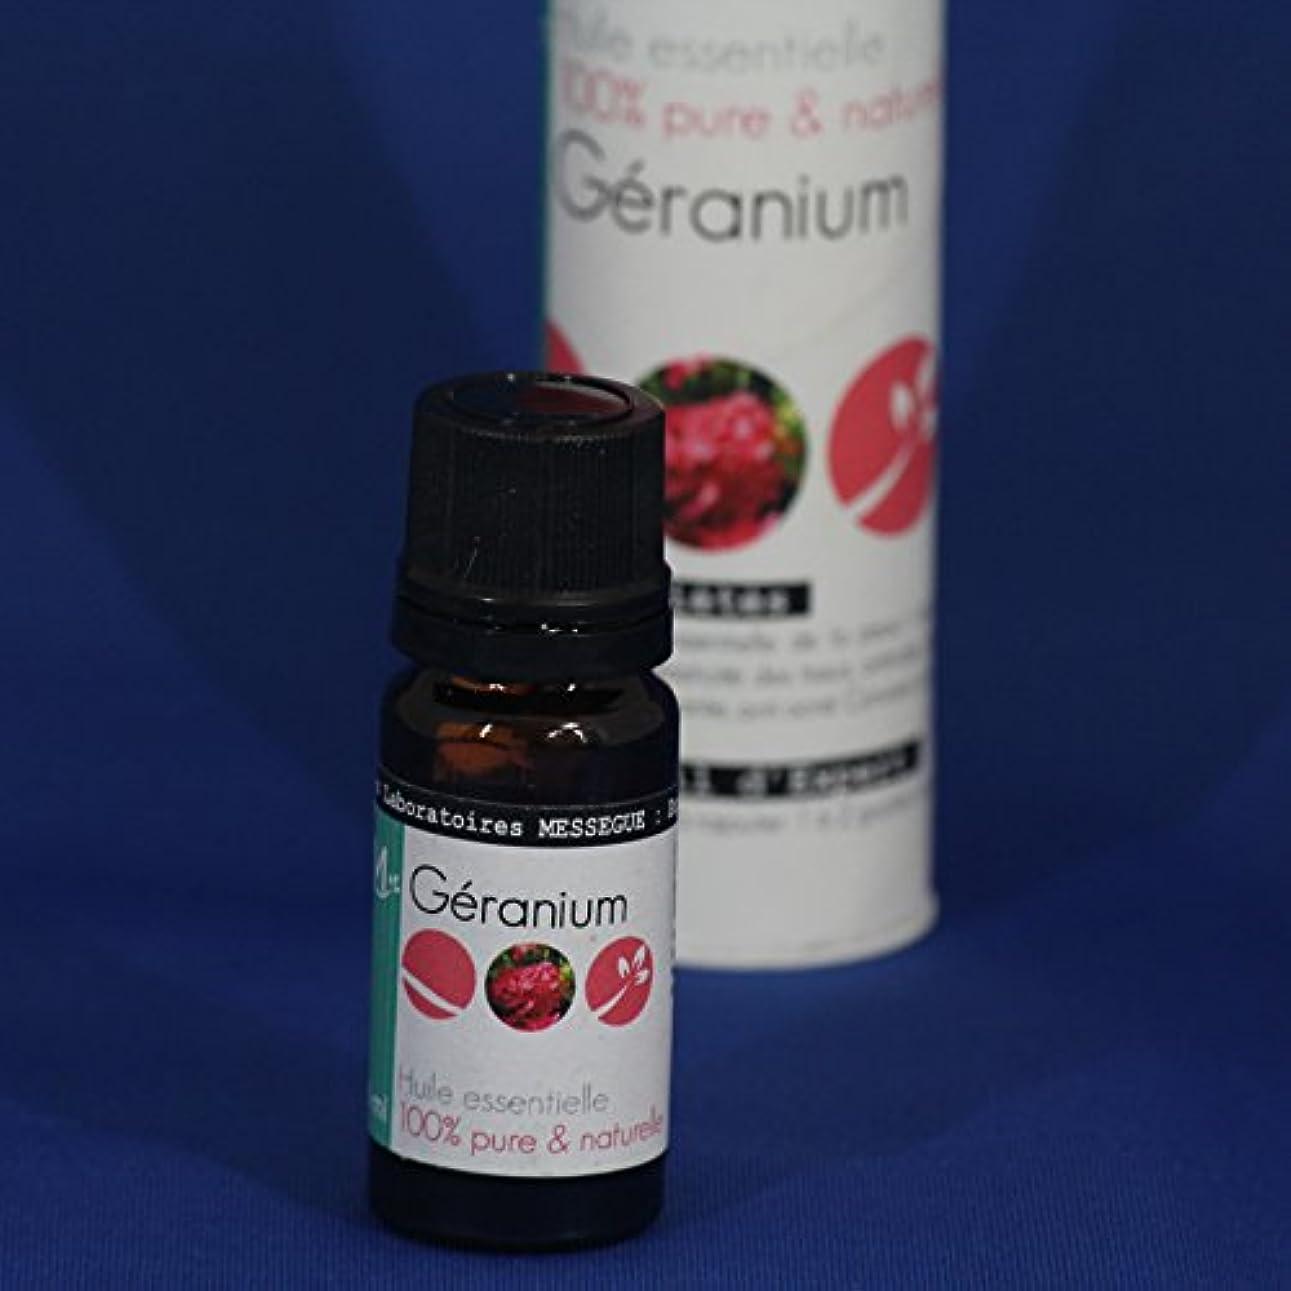 固める品種確かにLabaratoires MESSEGUE Huile essentieiie  100%pure&naturelle Geranium モーリスメセゲ エッセンシャルオイル ゼラニウム